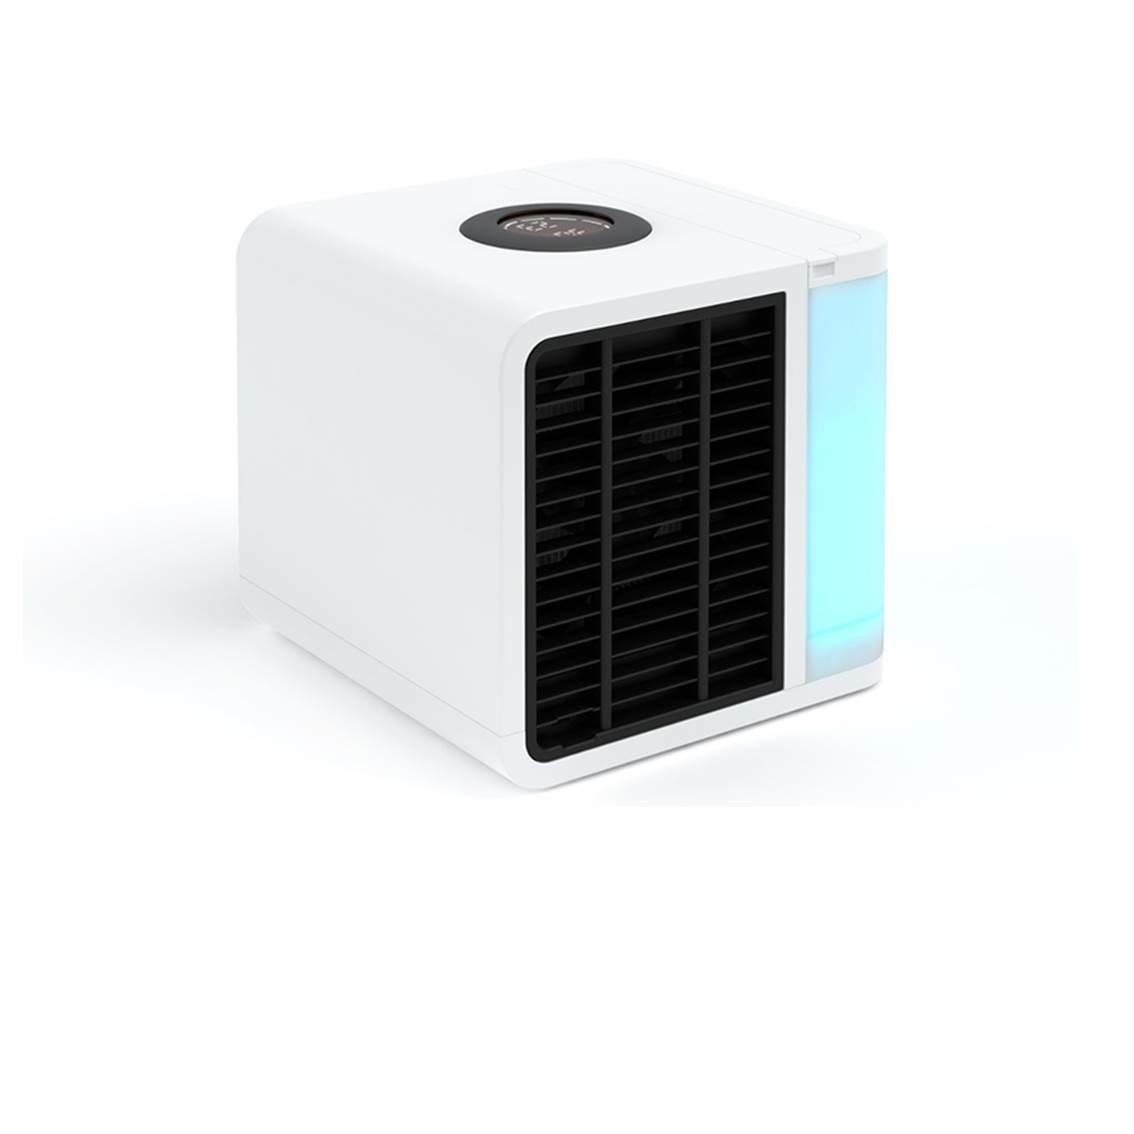 evaPOLAR 流動涼風機 (供應商發貨, 到貨將另行通知取貨)(連贈品*貨品及贈品一併送貨)